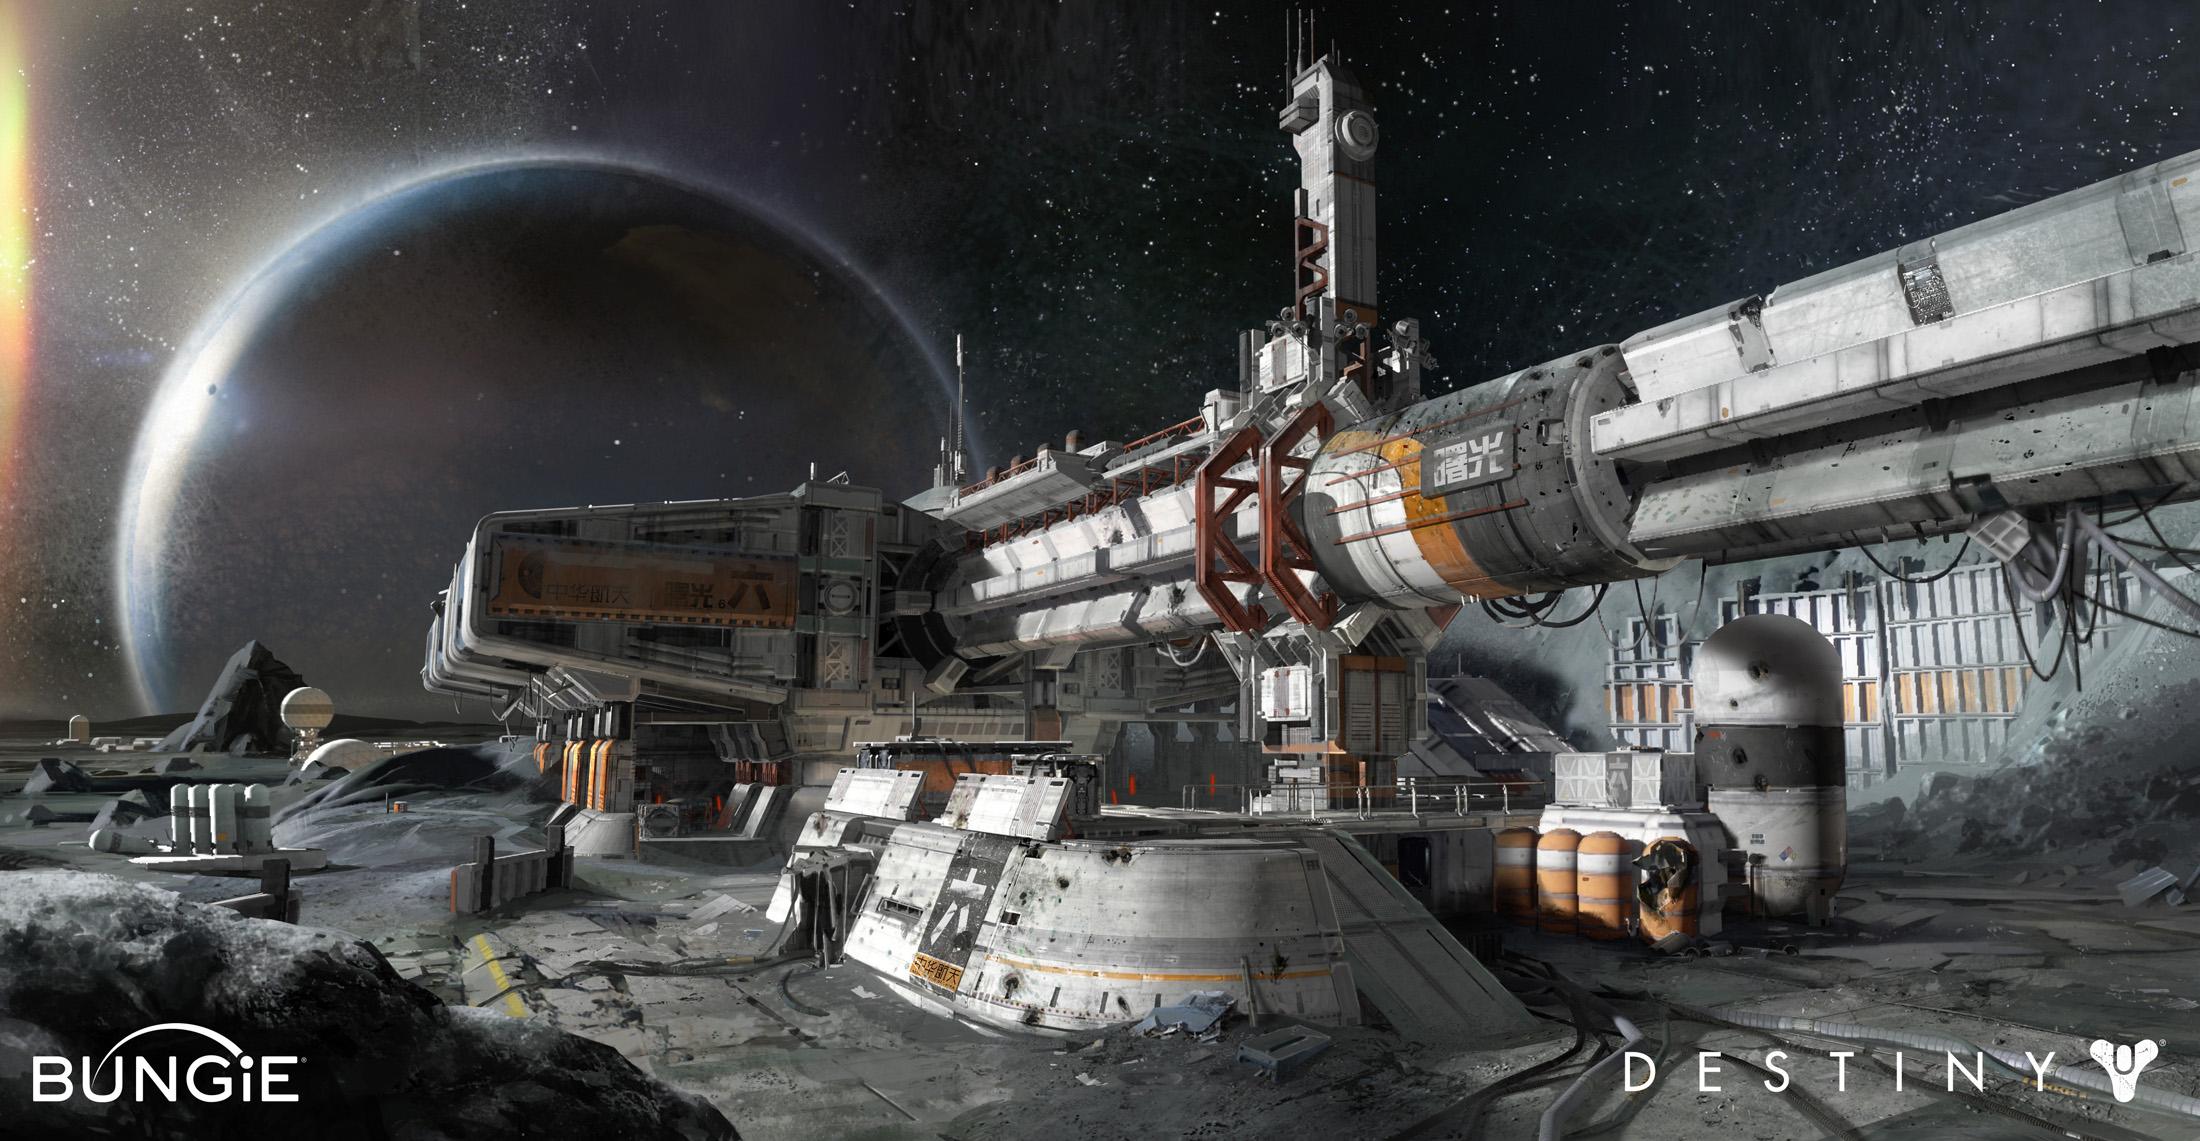 Boj na Měsíci v podání Destiny 88404